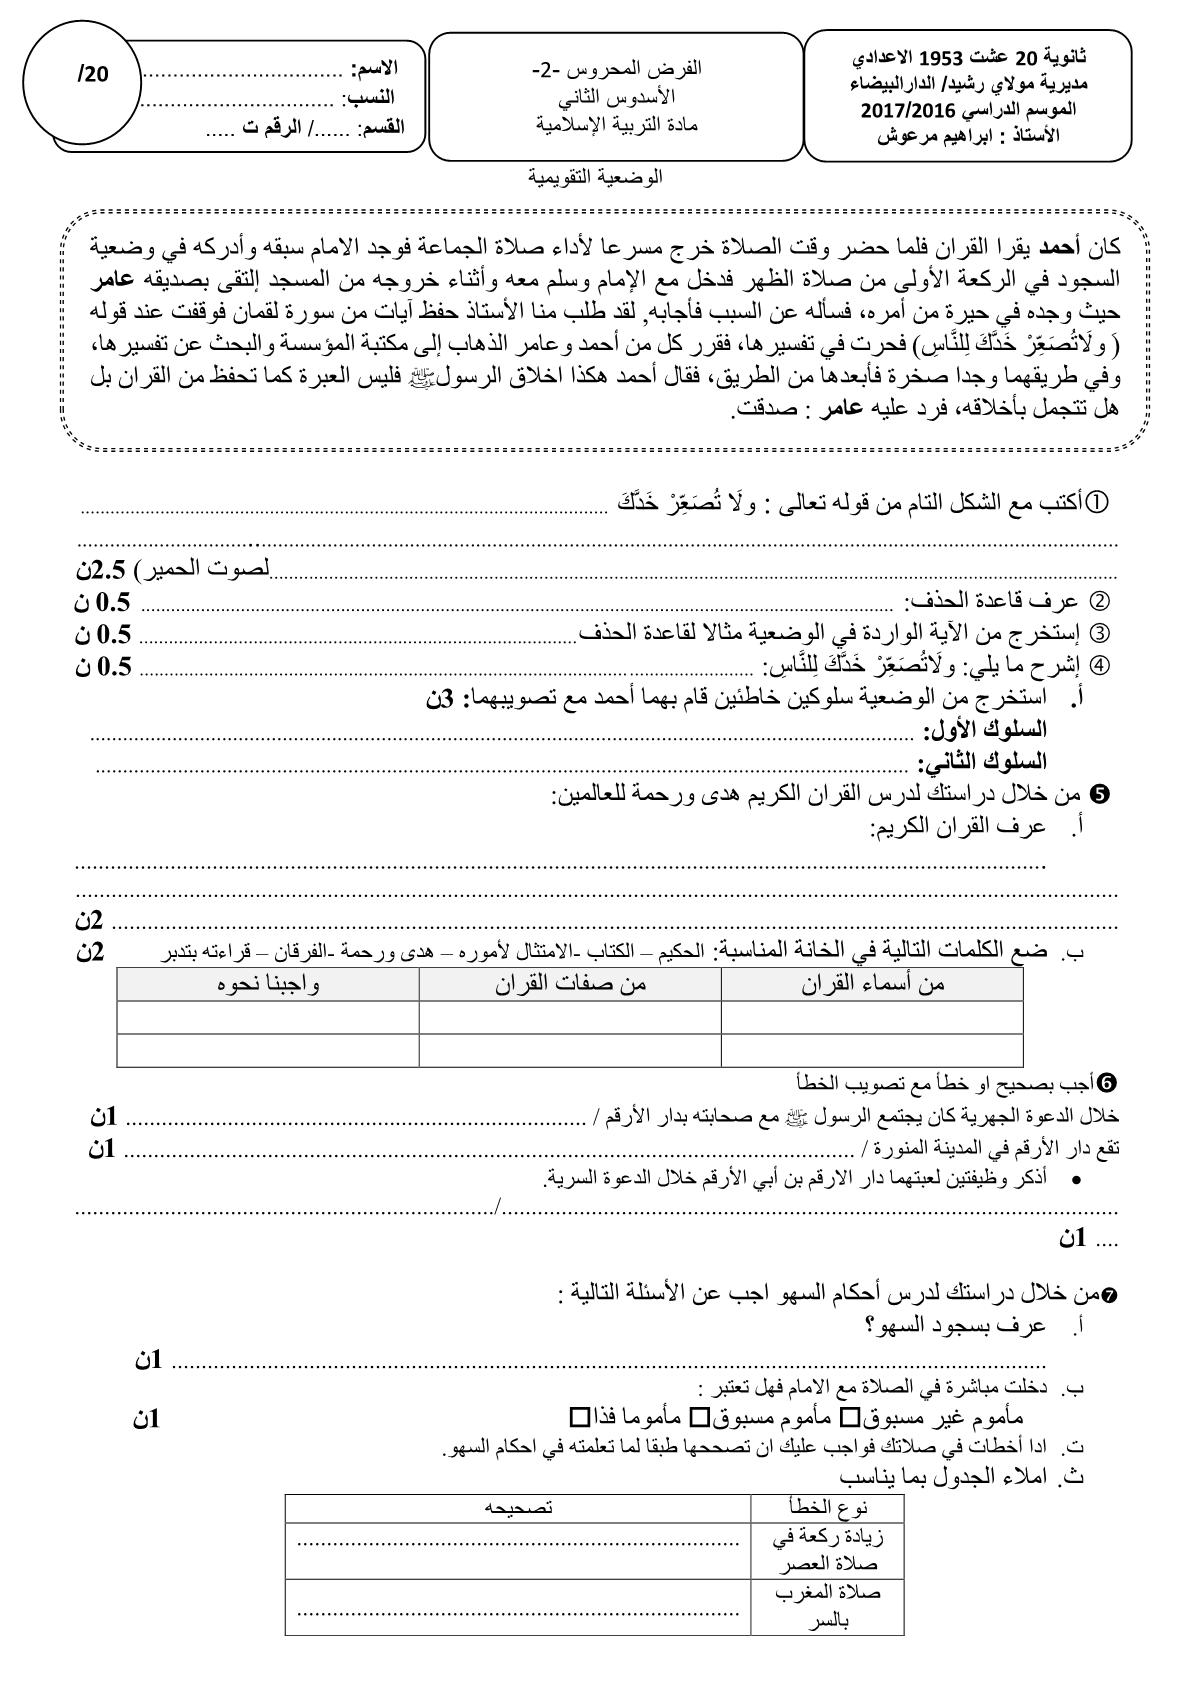 الفرض السادس في مادة التربية الإسلامية الدورة الثانية للسنة الأولى إعدادي